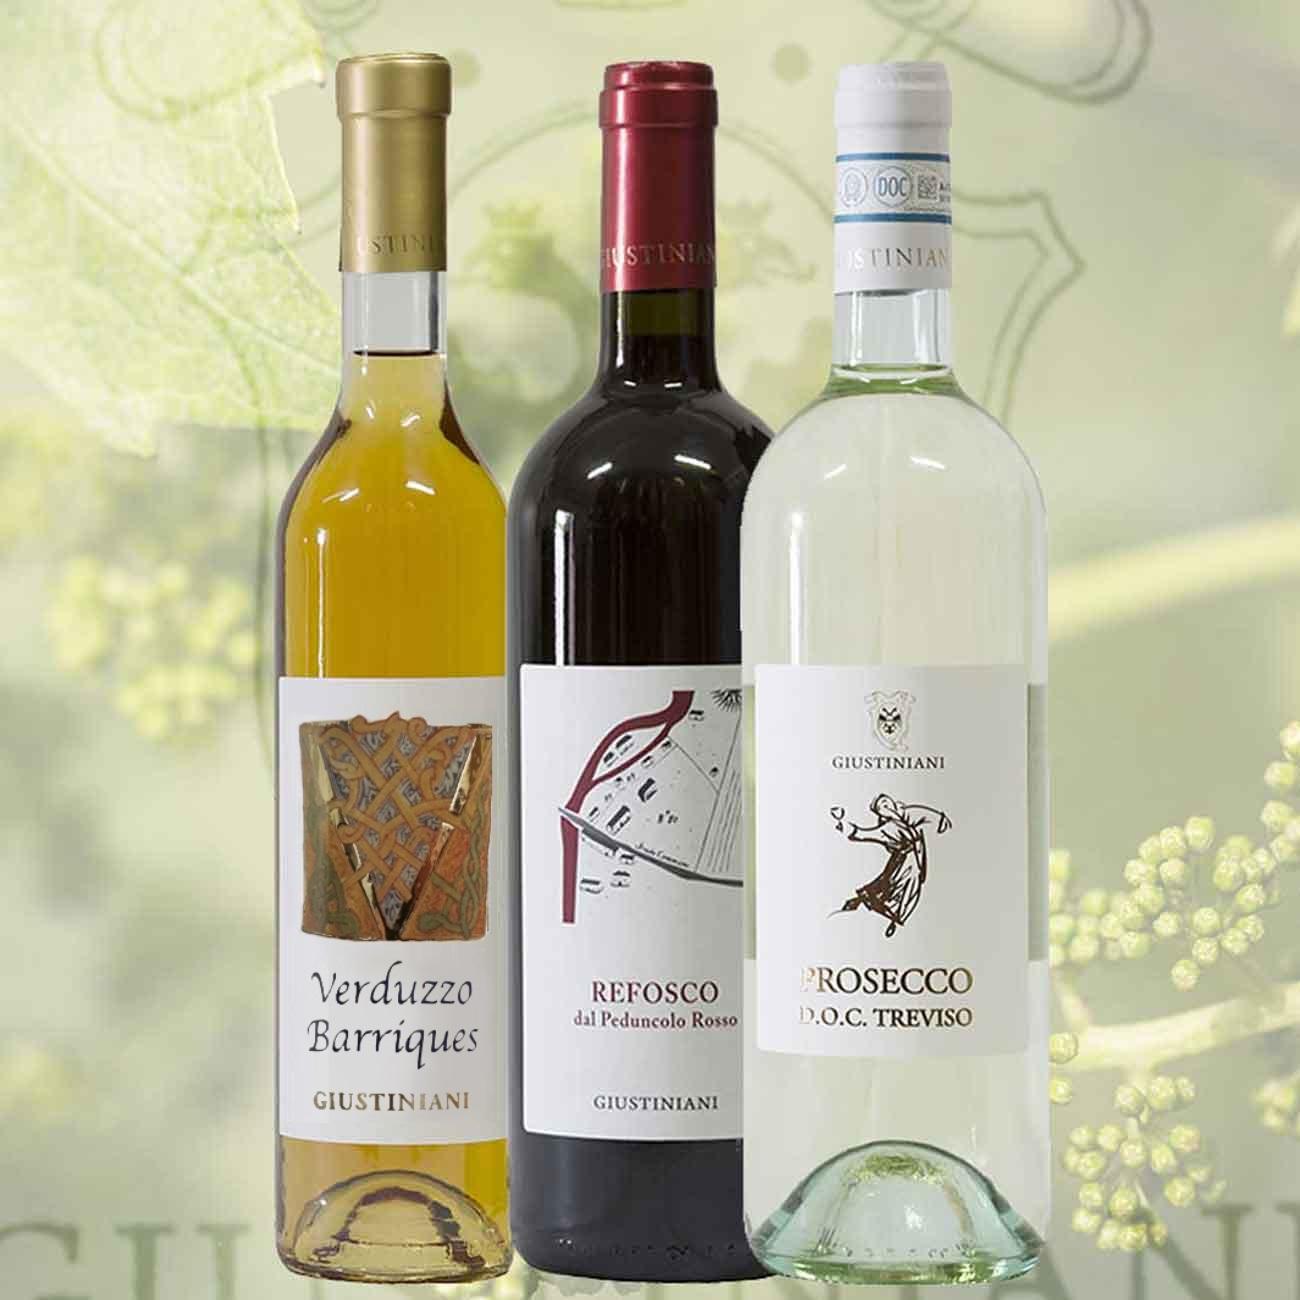 vini-italiani-cantine-giustiniani2